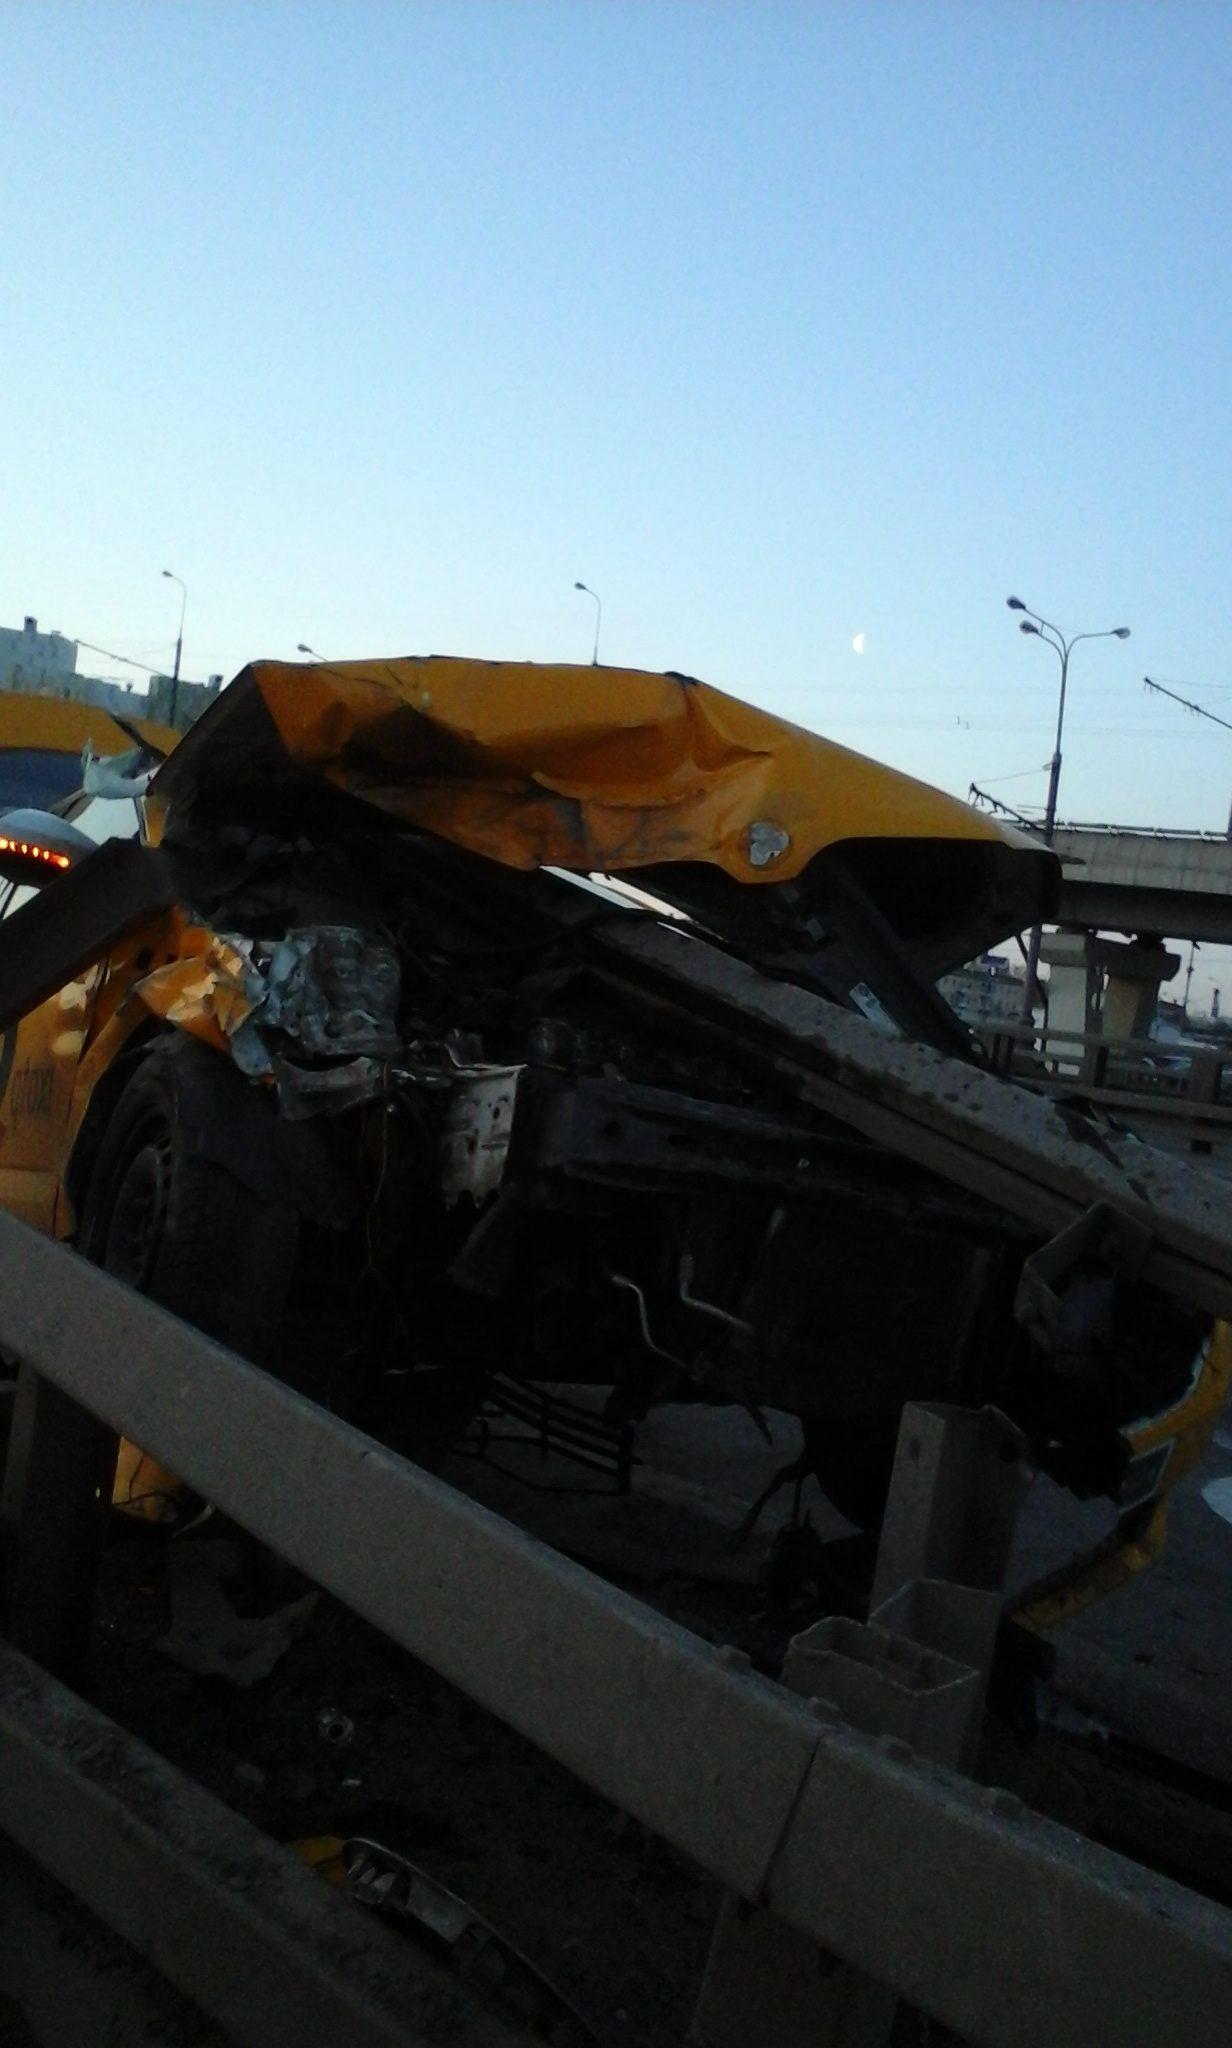 Авария желтого такси, водитель которого, вероятно заснул за рулем, в связи с беспощадным графиком работы.